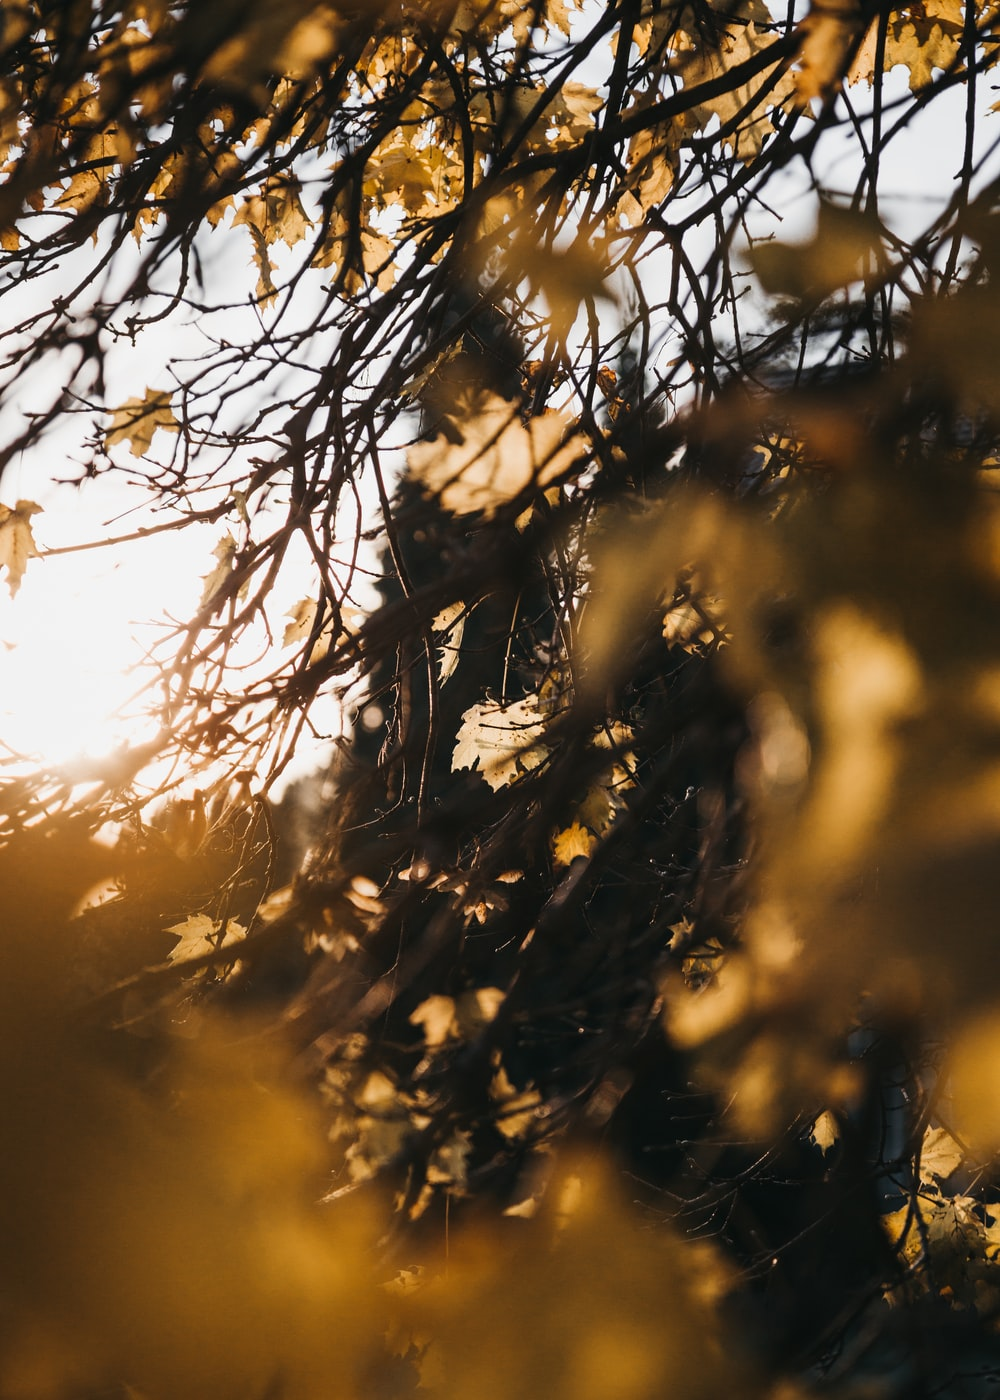 brown leaves under grey sky